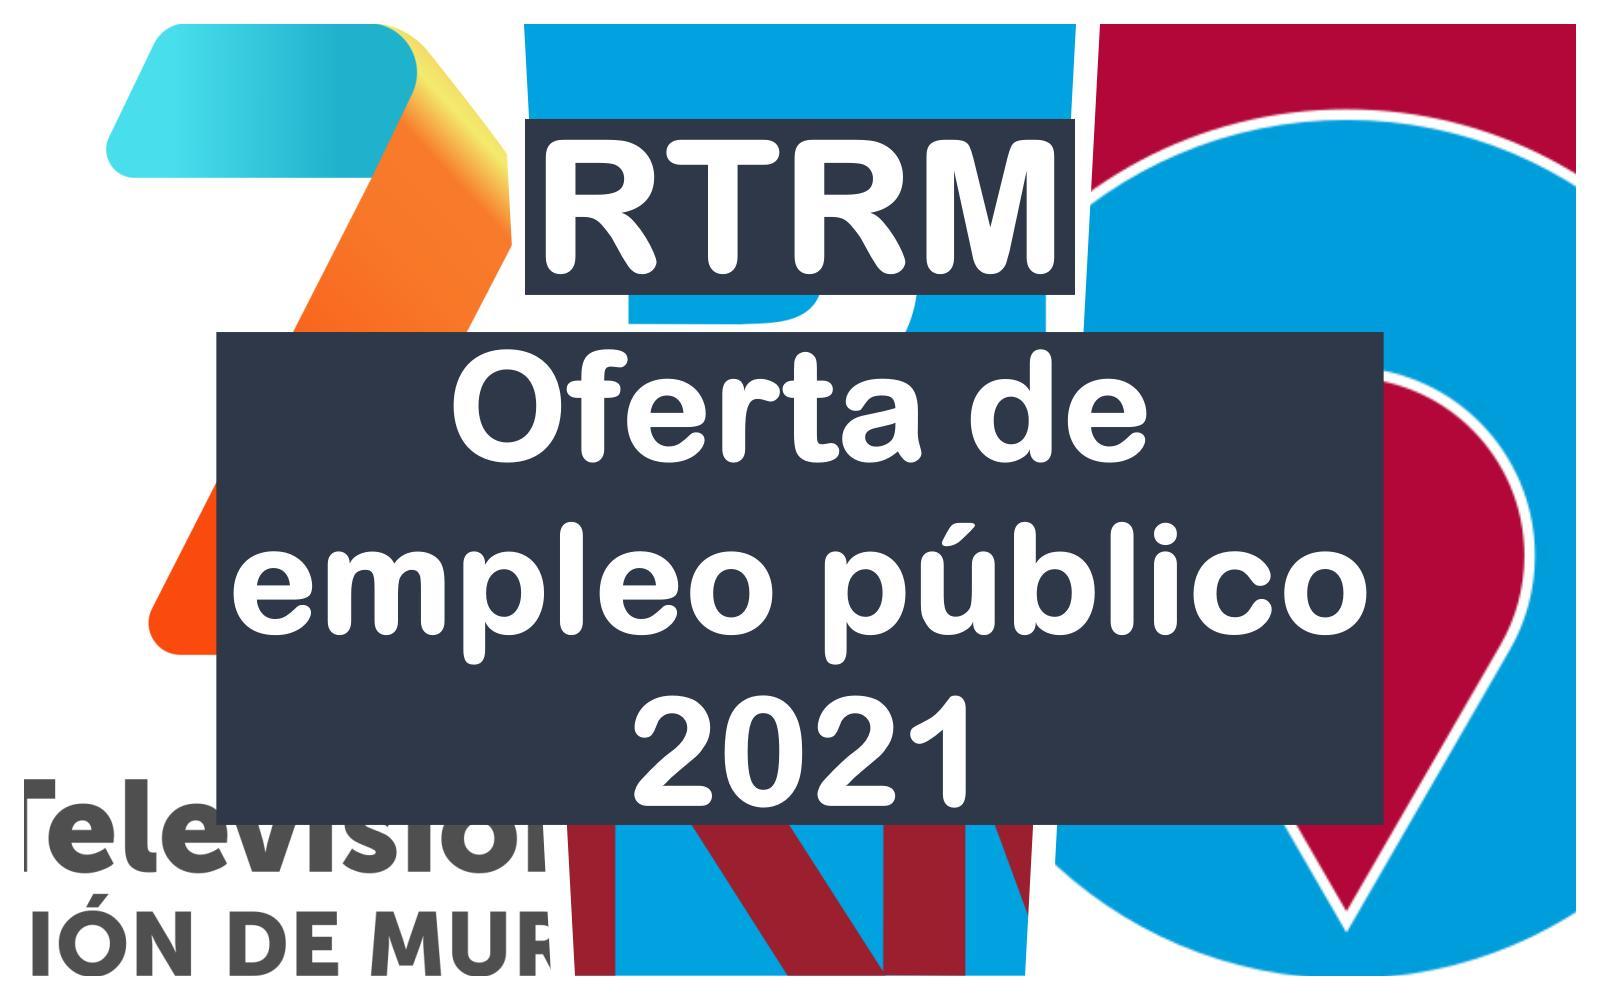 oferta de empleo público 2021 de la RTRM